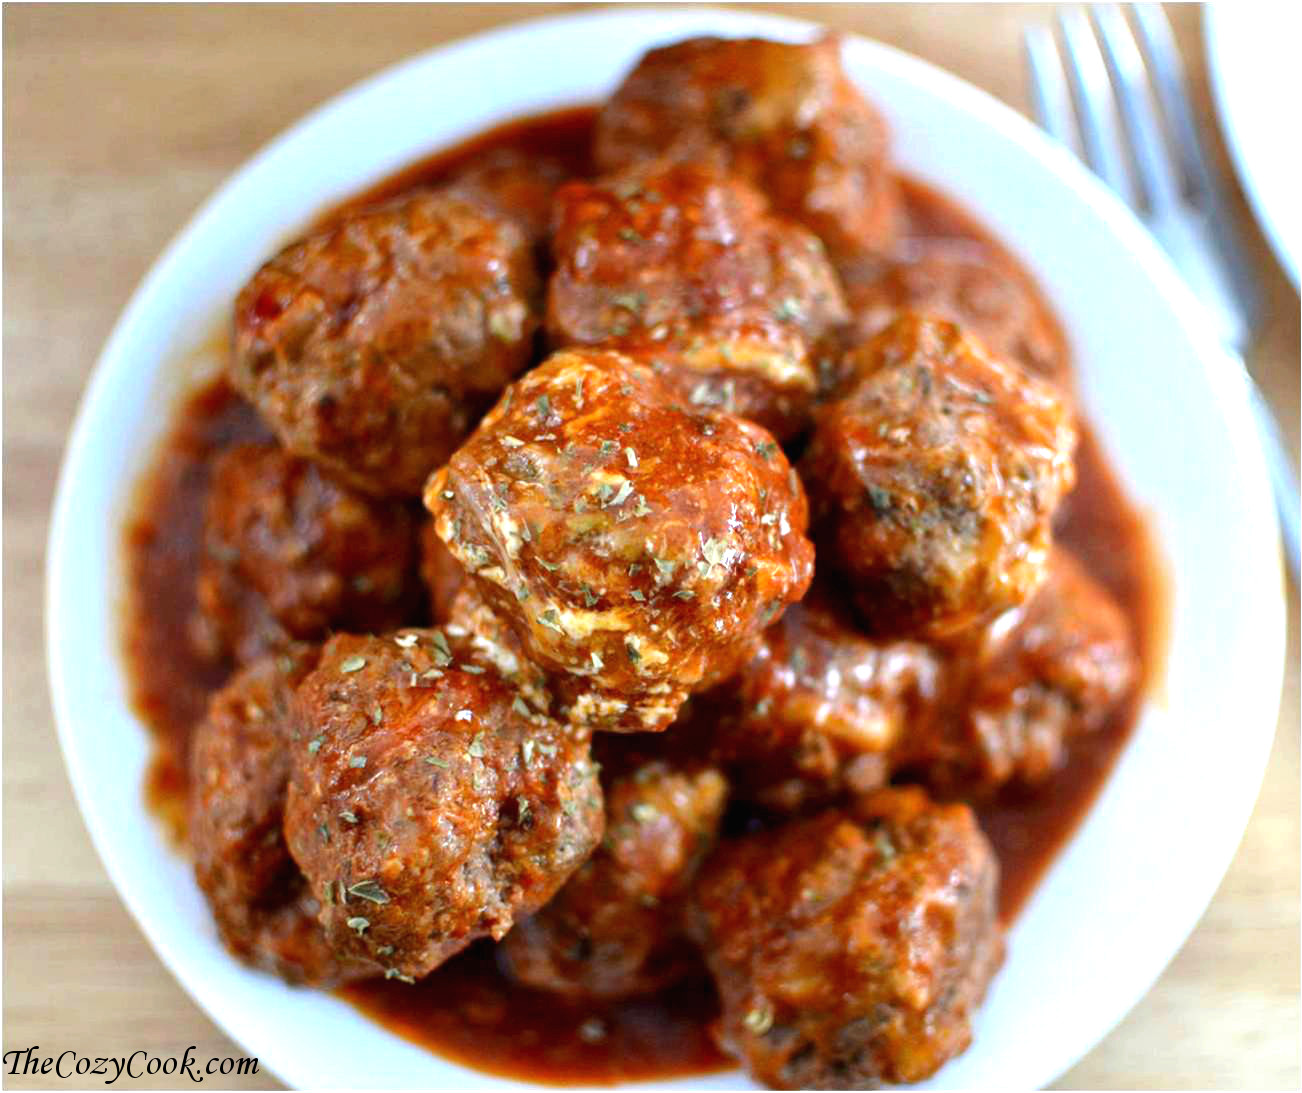 Bobby-Flay-Meatball-Recipe